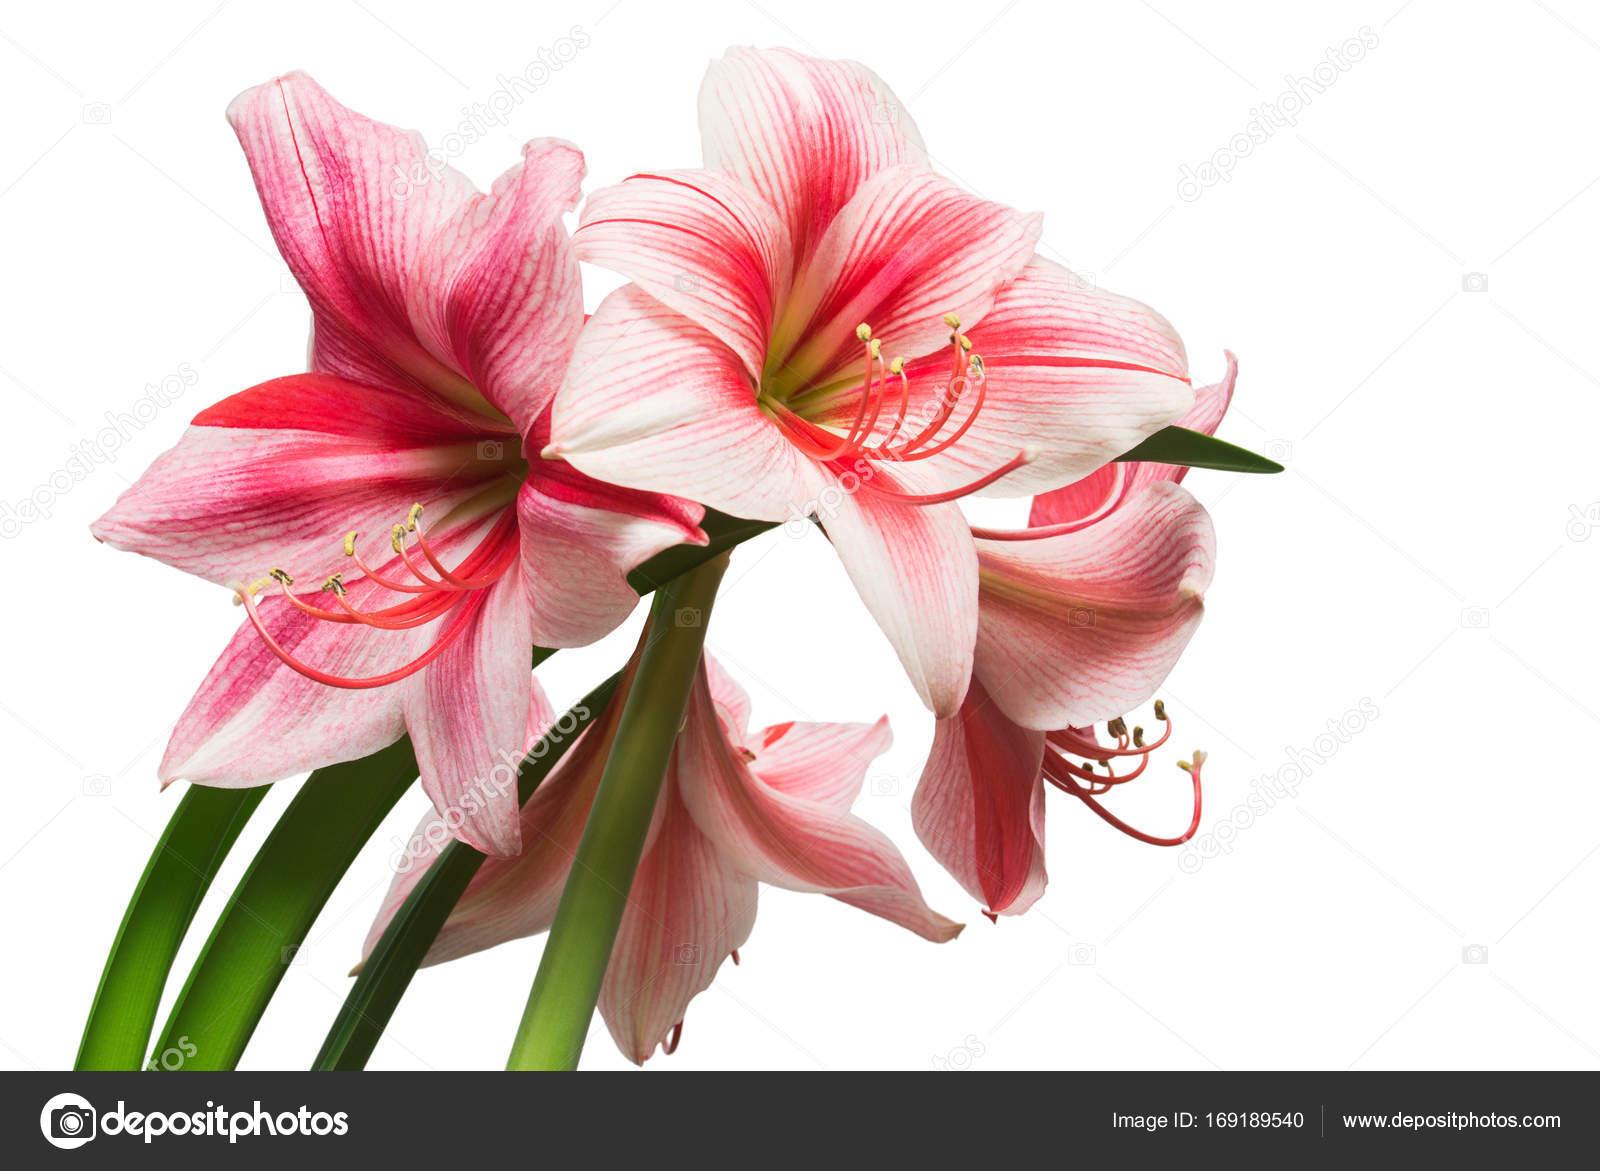 Un bouquet de fleurs d amaryllis rose isol sur fond blanc for Fleurs amaryllis bouquet